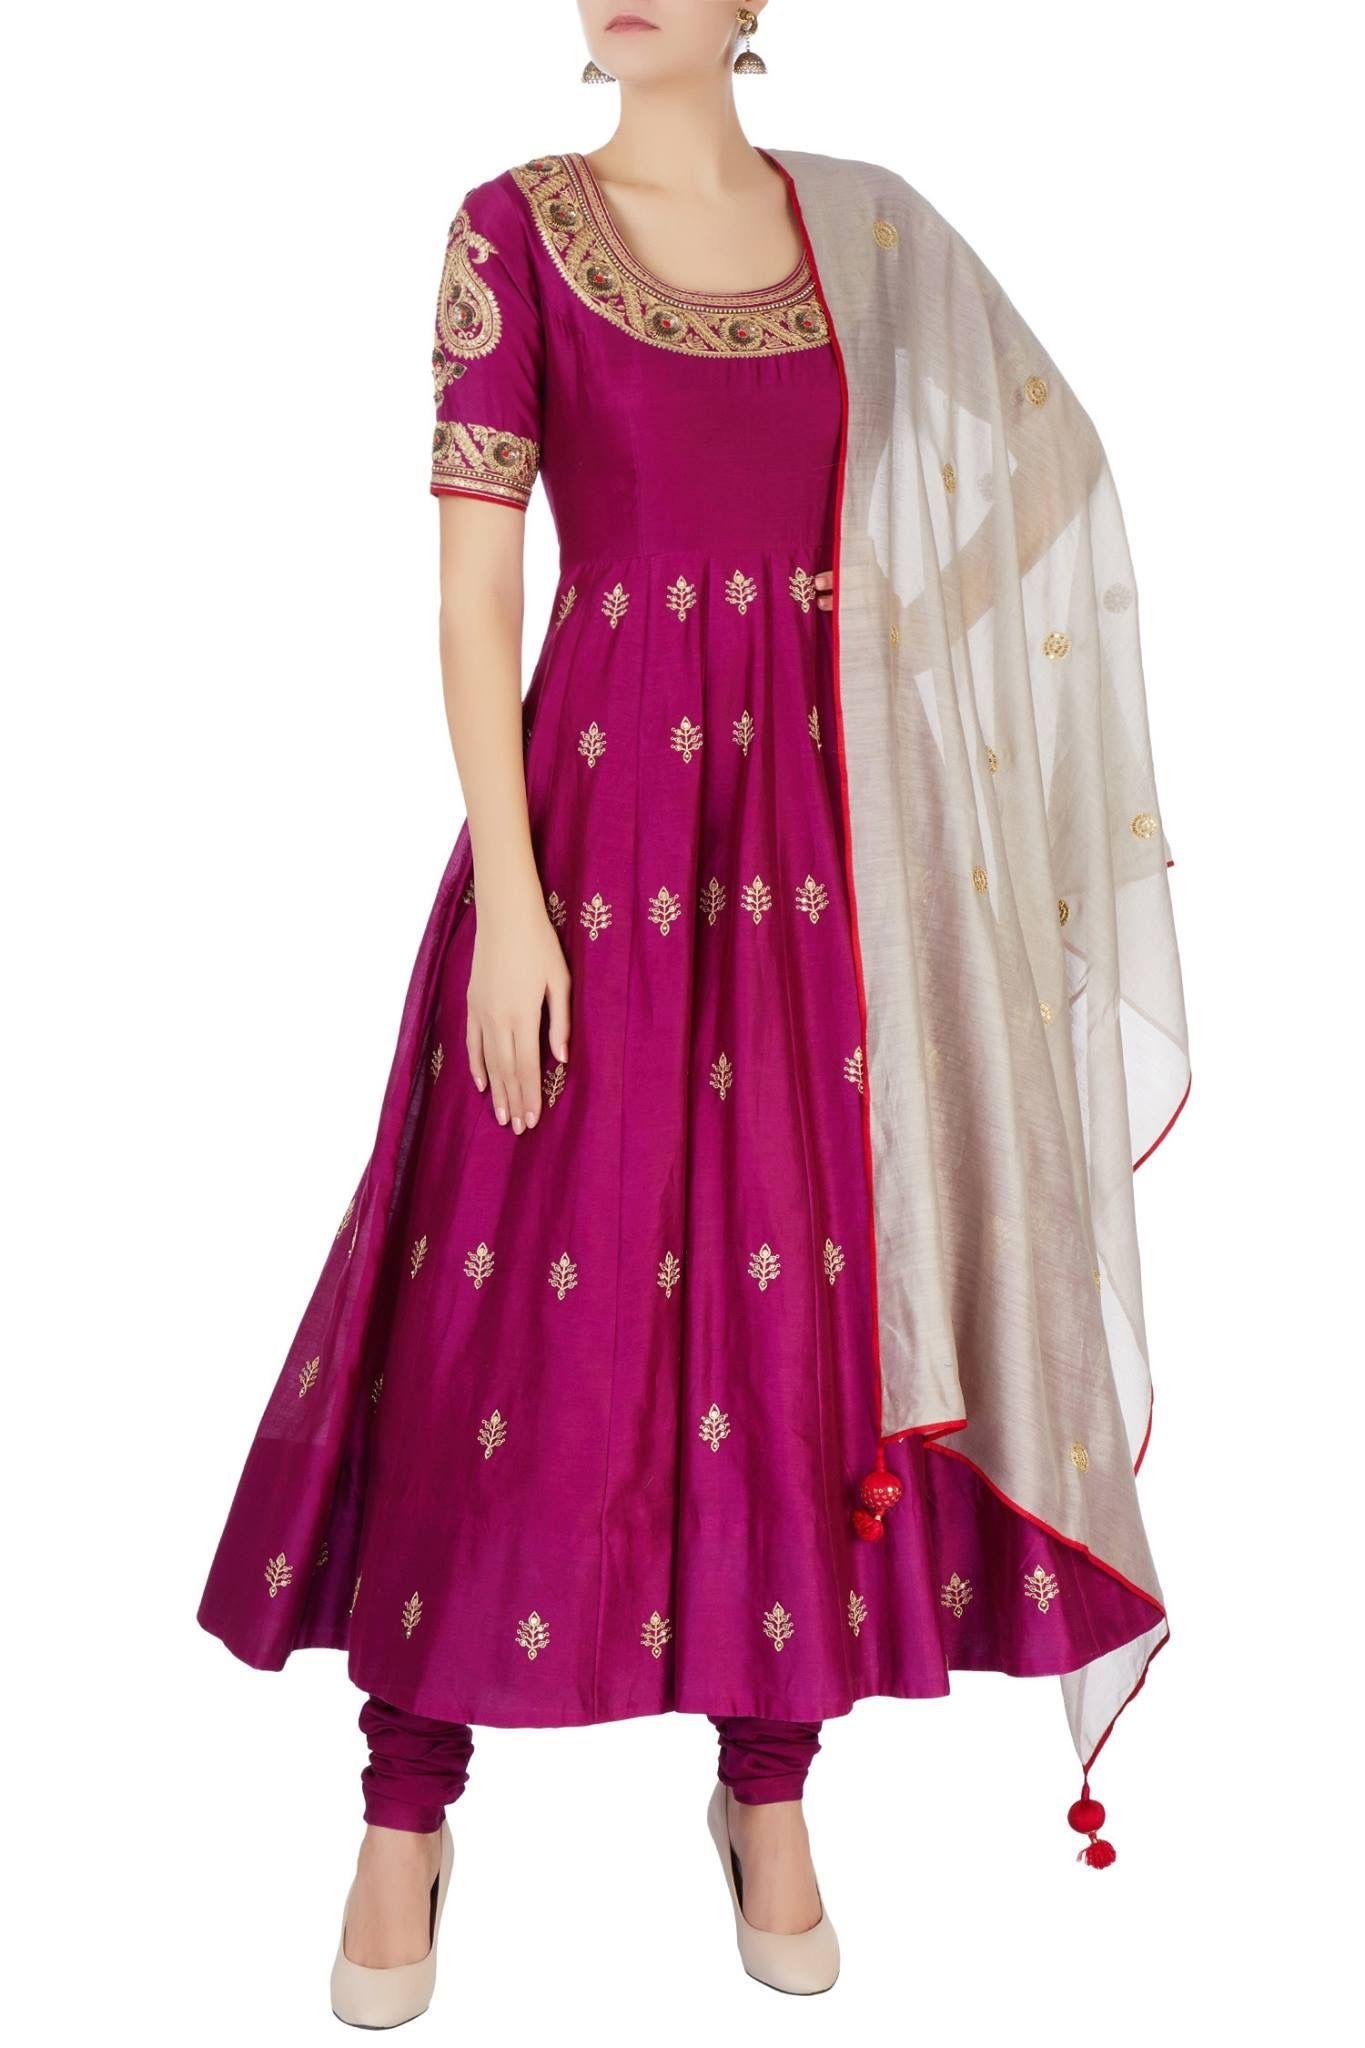 Pin de Sarika en Wardrobes | Pinterest | Vestido largo y Vestiditos